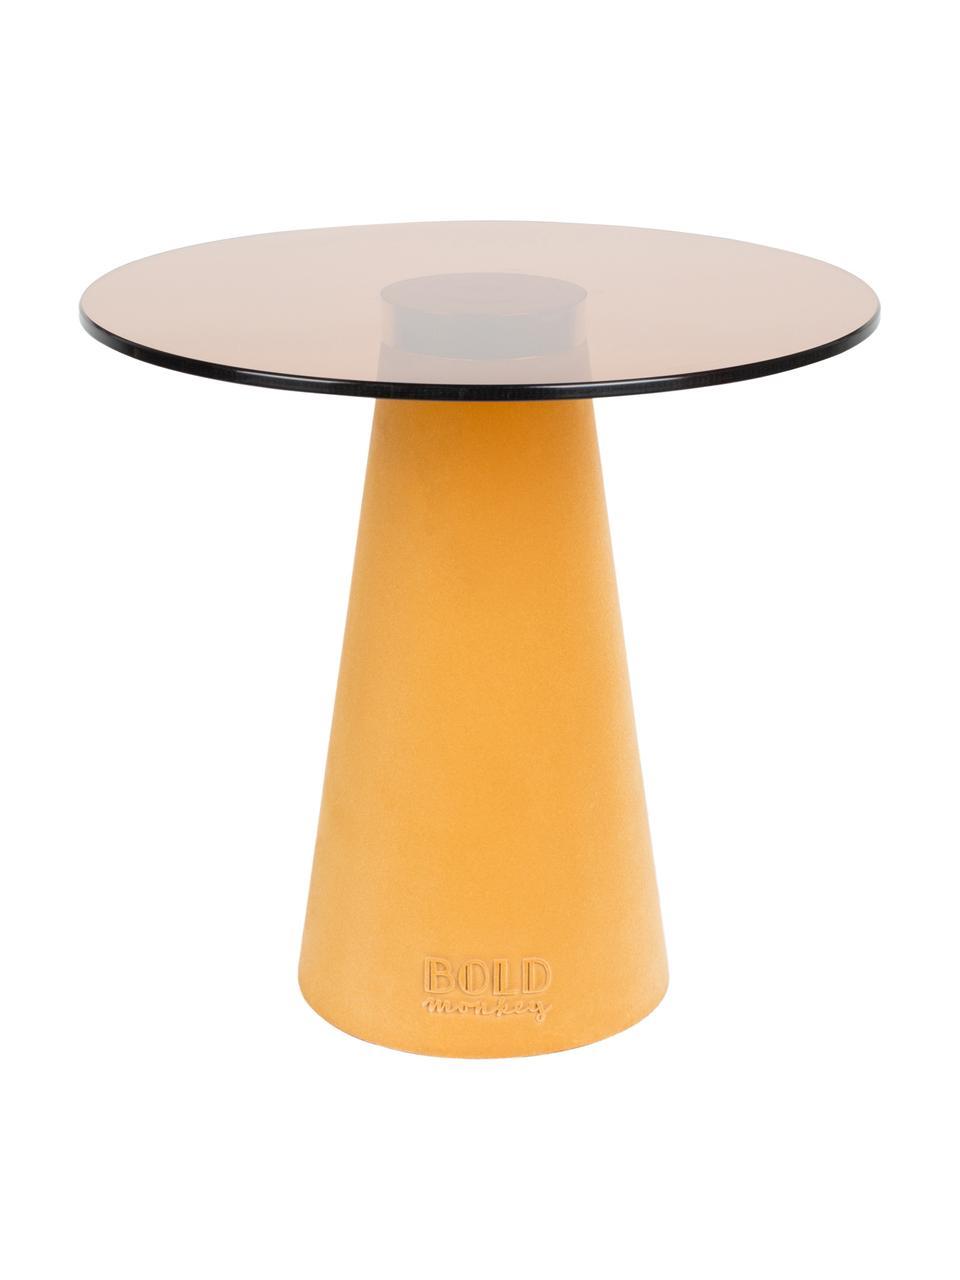 Beistelltisch Leader Of The Fanclub mit Glasplatte, Tischplatte: Hartglas, Gelb, Ø 40 x H 39 cm